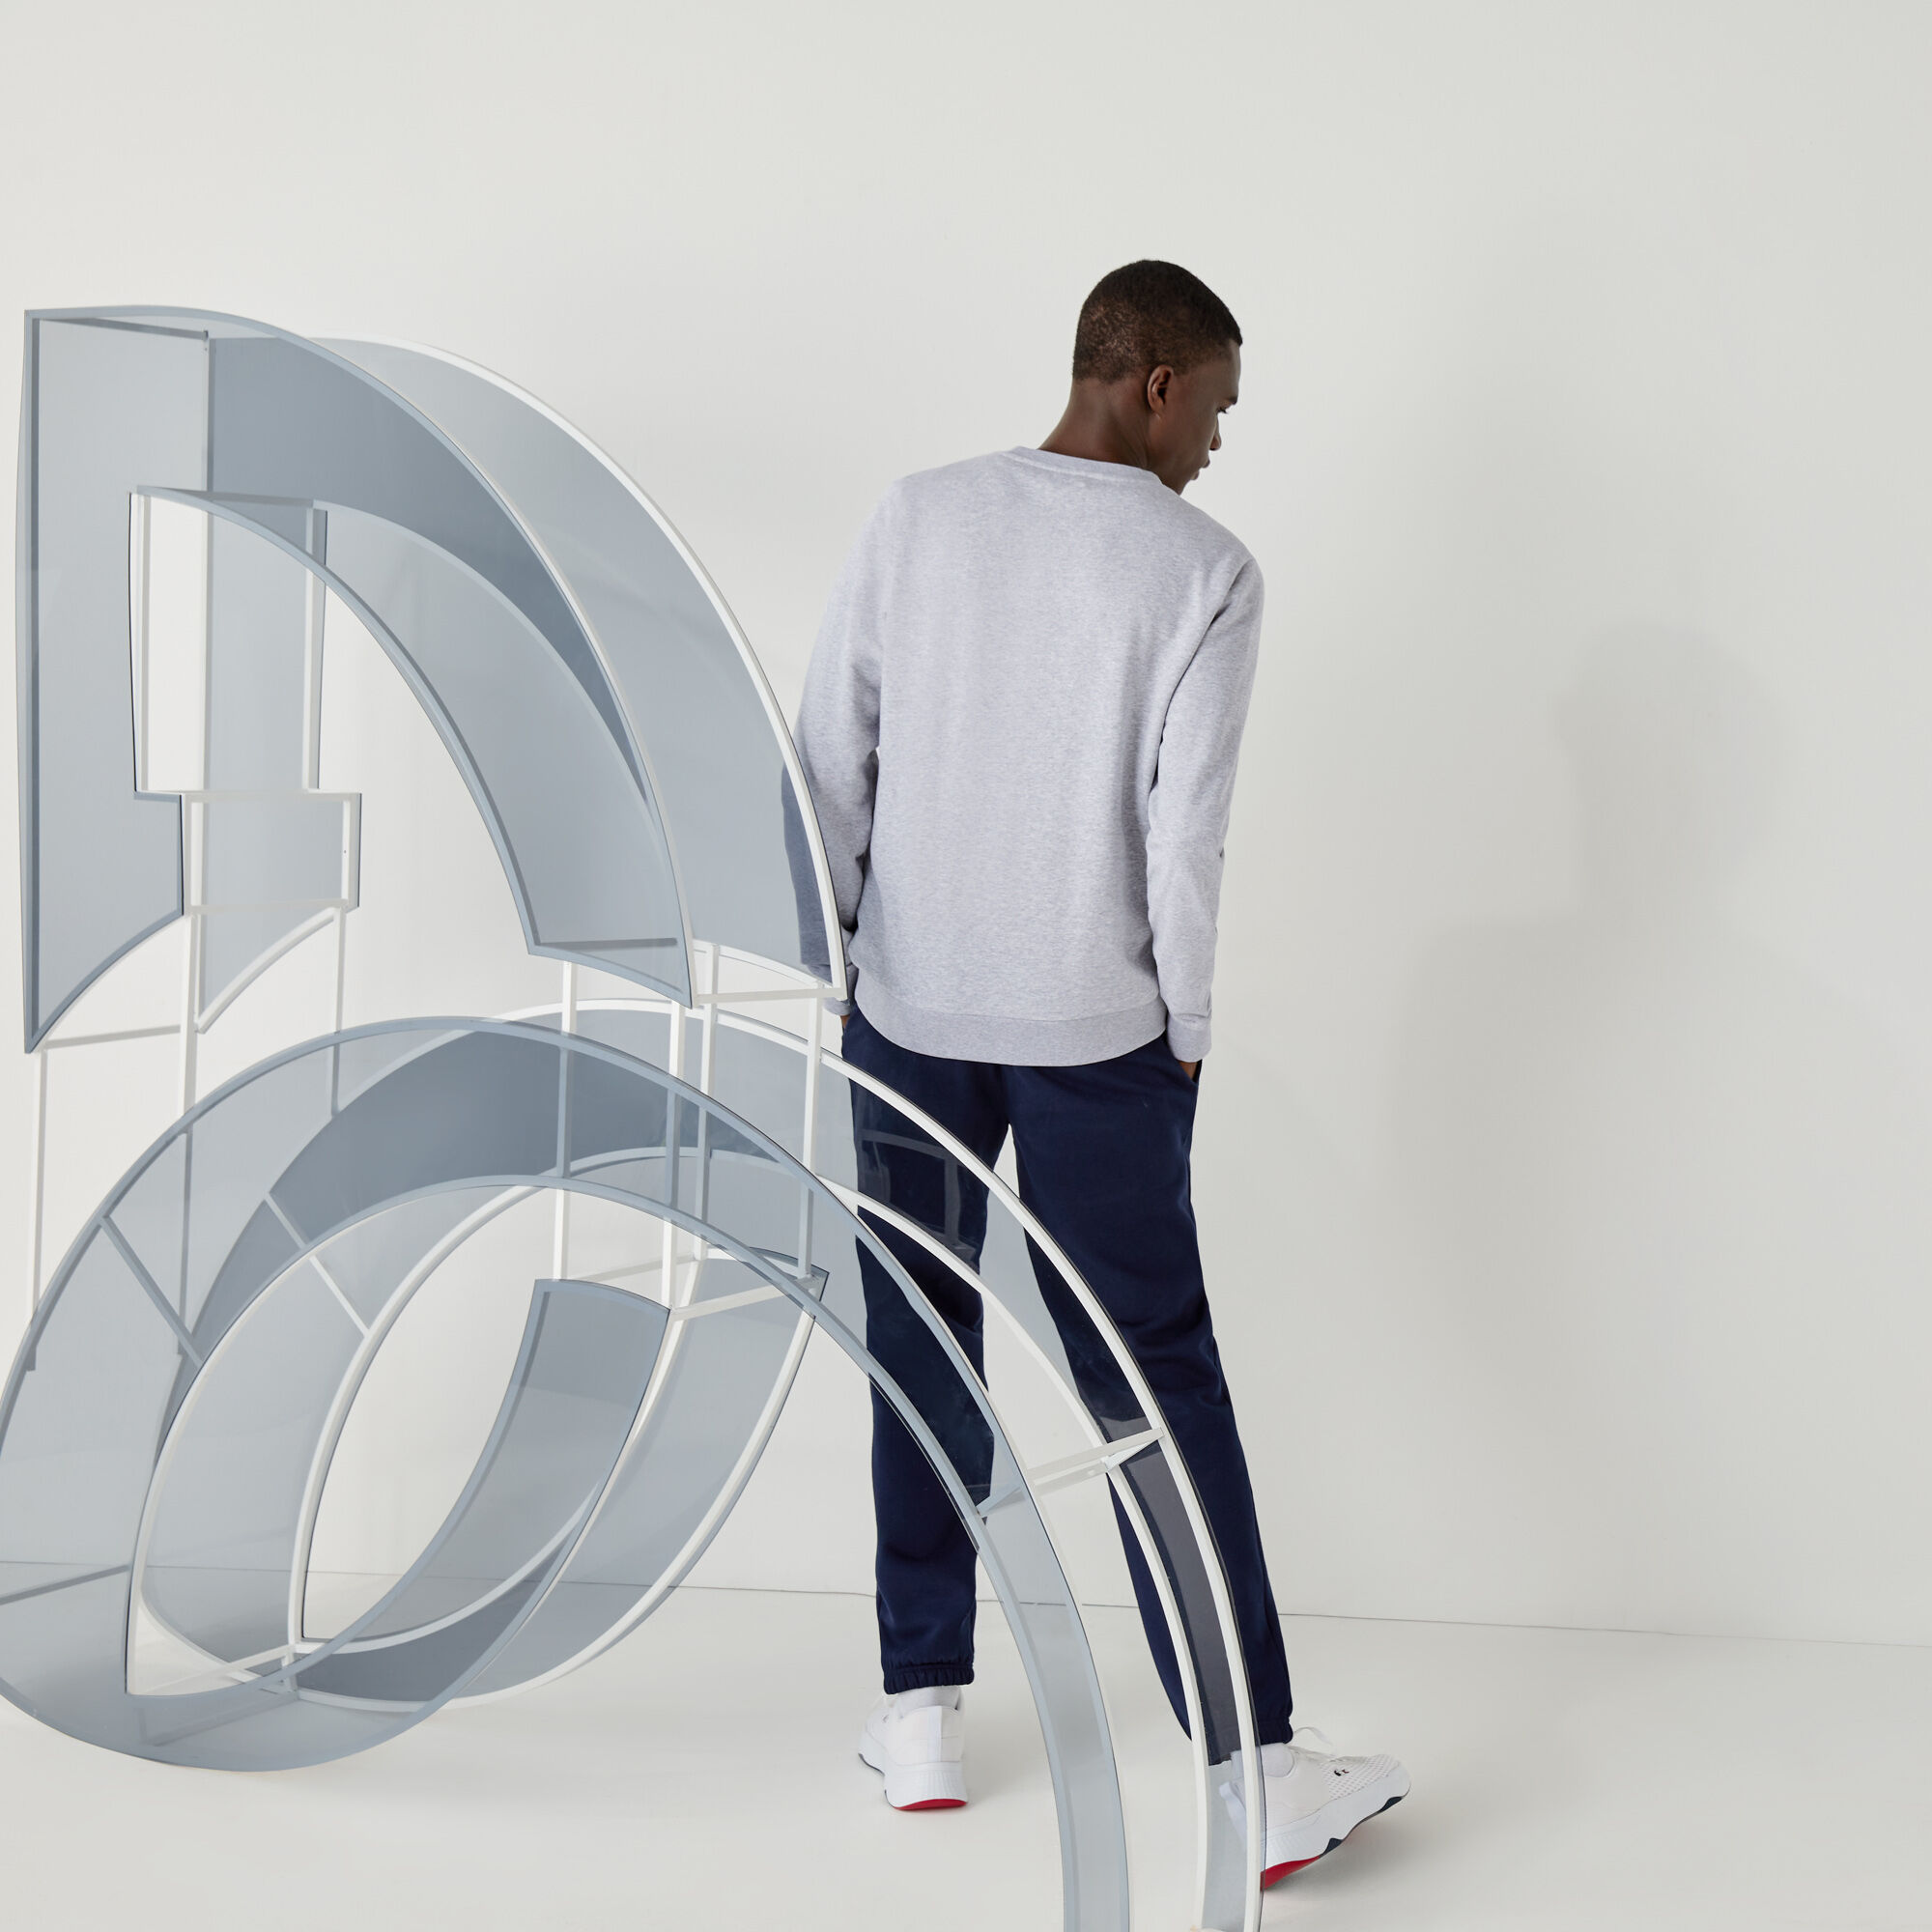 سويت شيرت صوف من مجموعة Lacoste SPORT بالتعاون مع تصميم Youssef SY للرجال